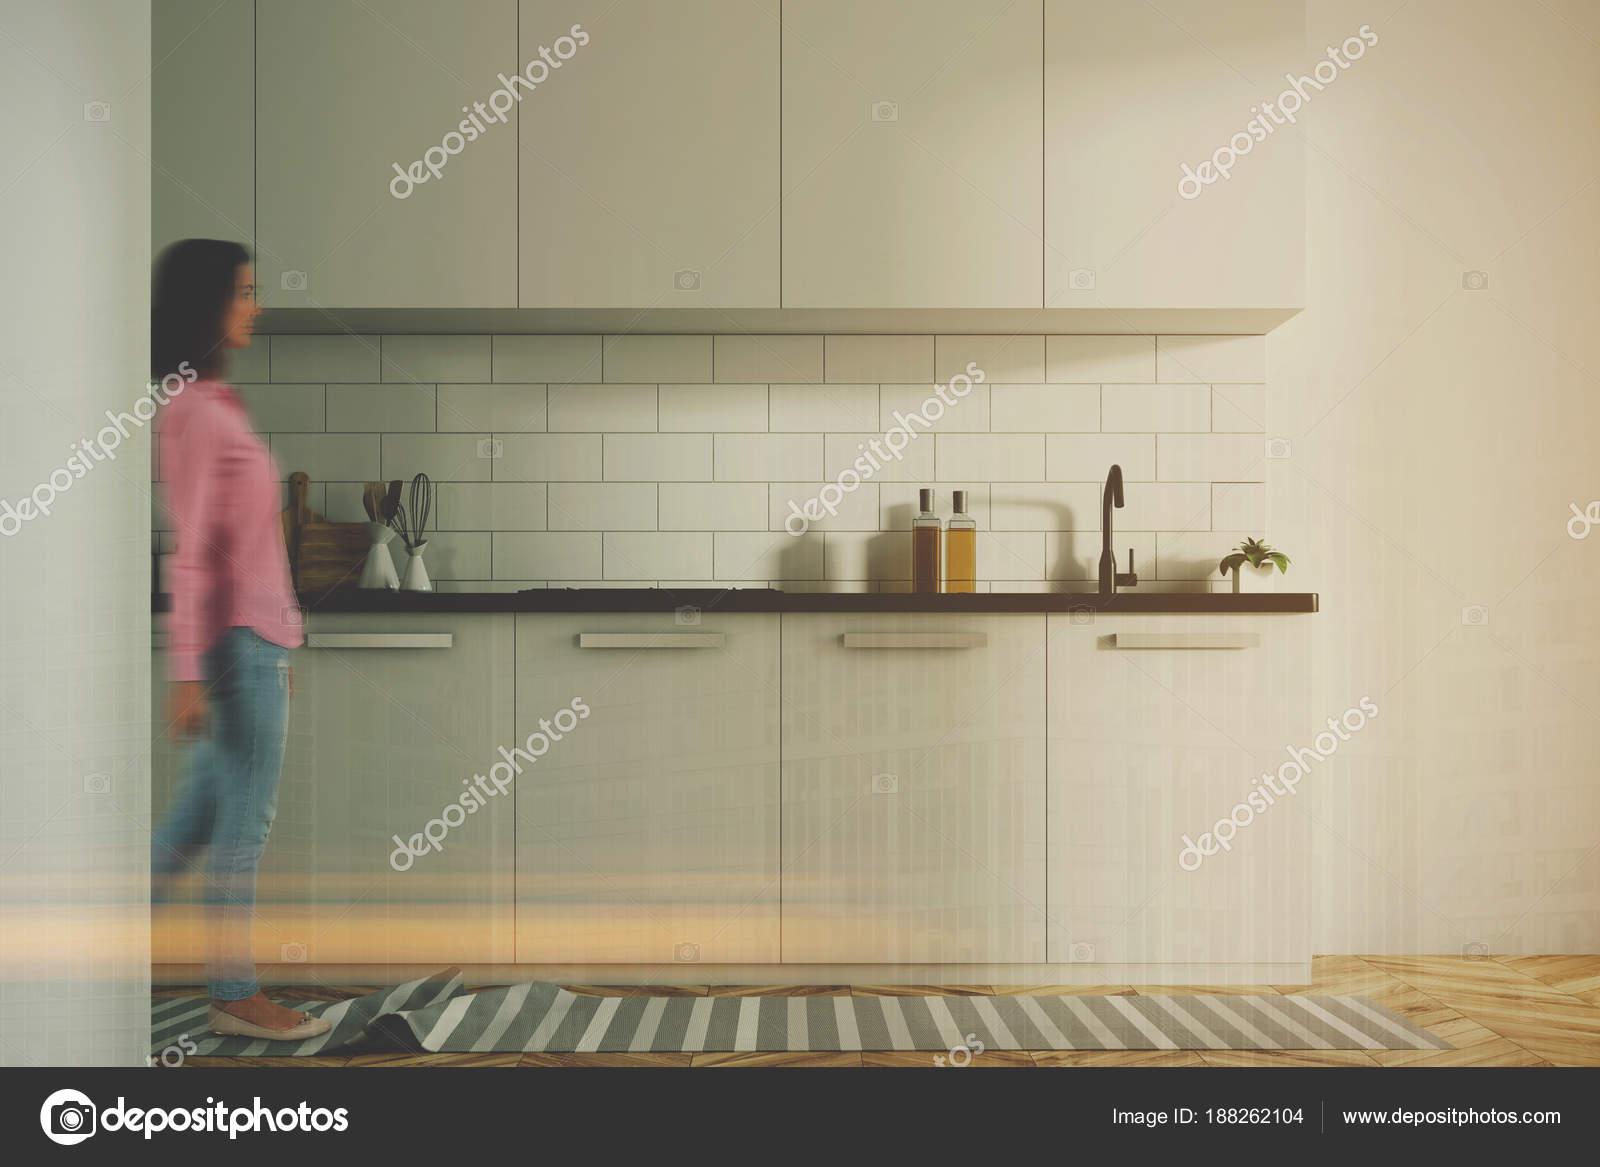 Weiße Küche Interieur, weiße Theken getönten — Stockfoto ...